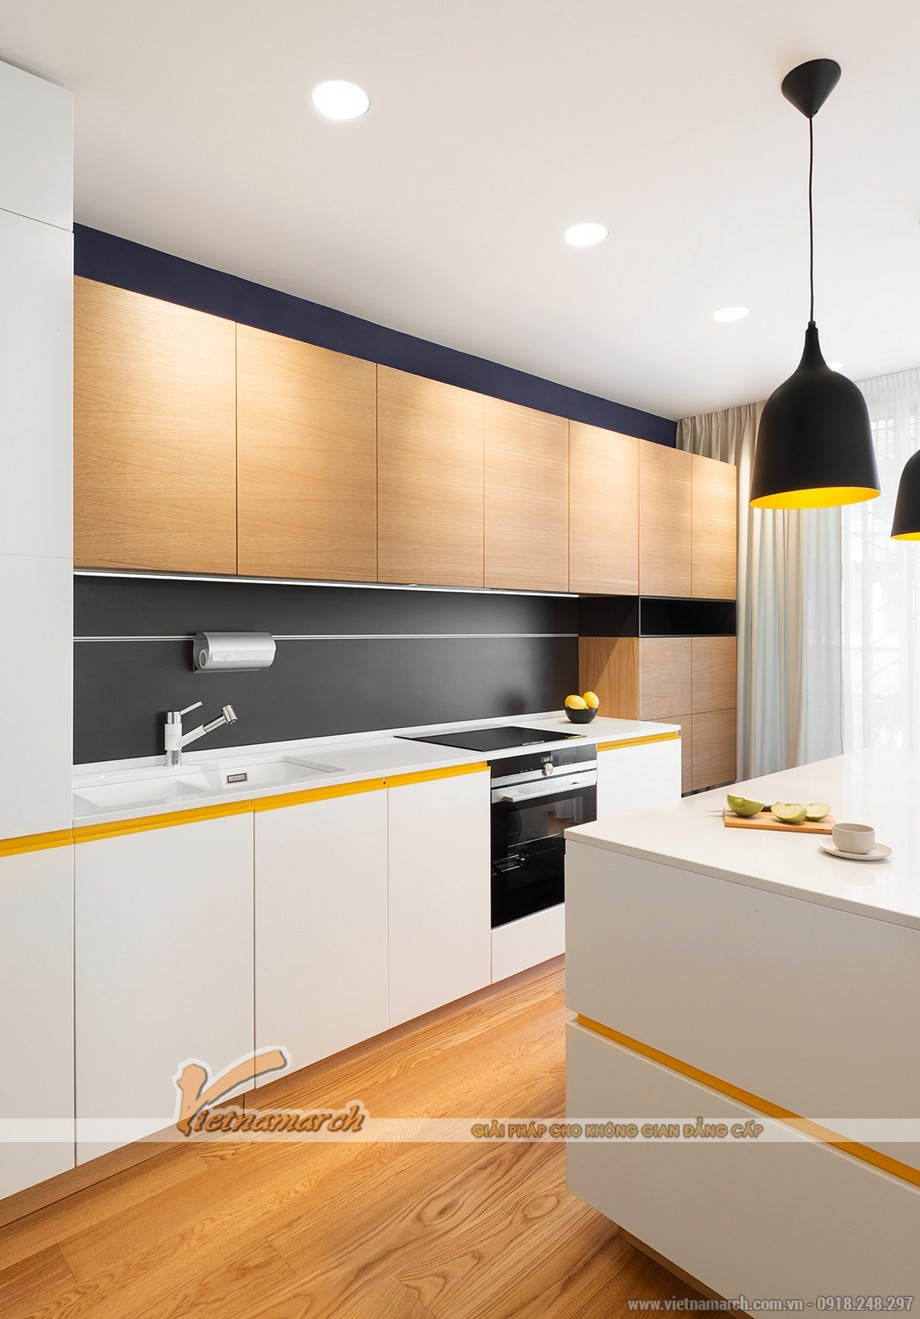 Thiết kế mẫu trần thạch cao siêu ấn tượng cho căn hộ Times City nhà chị Hương - Hà Nội - 06